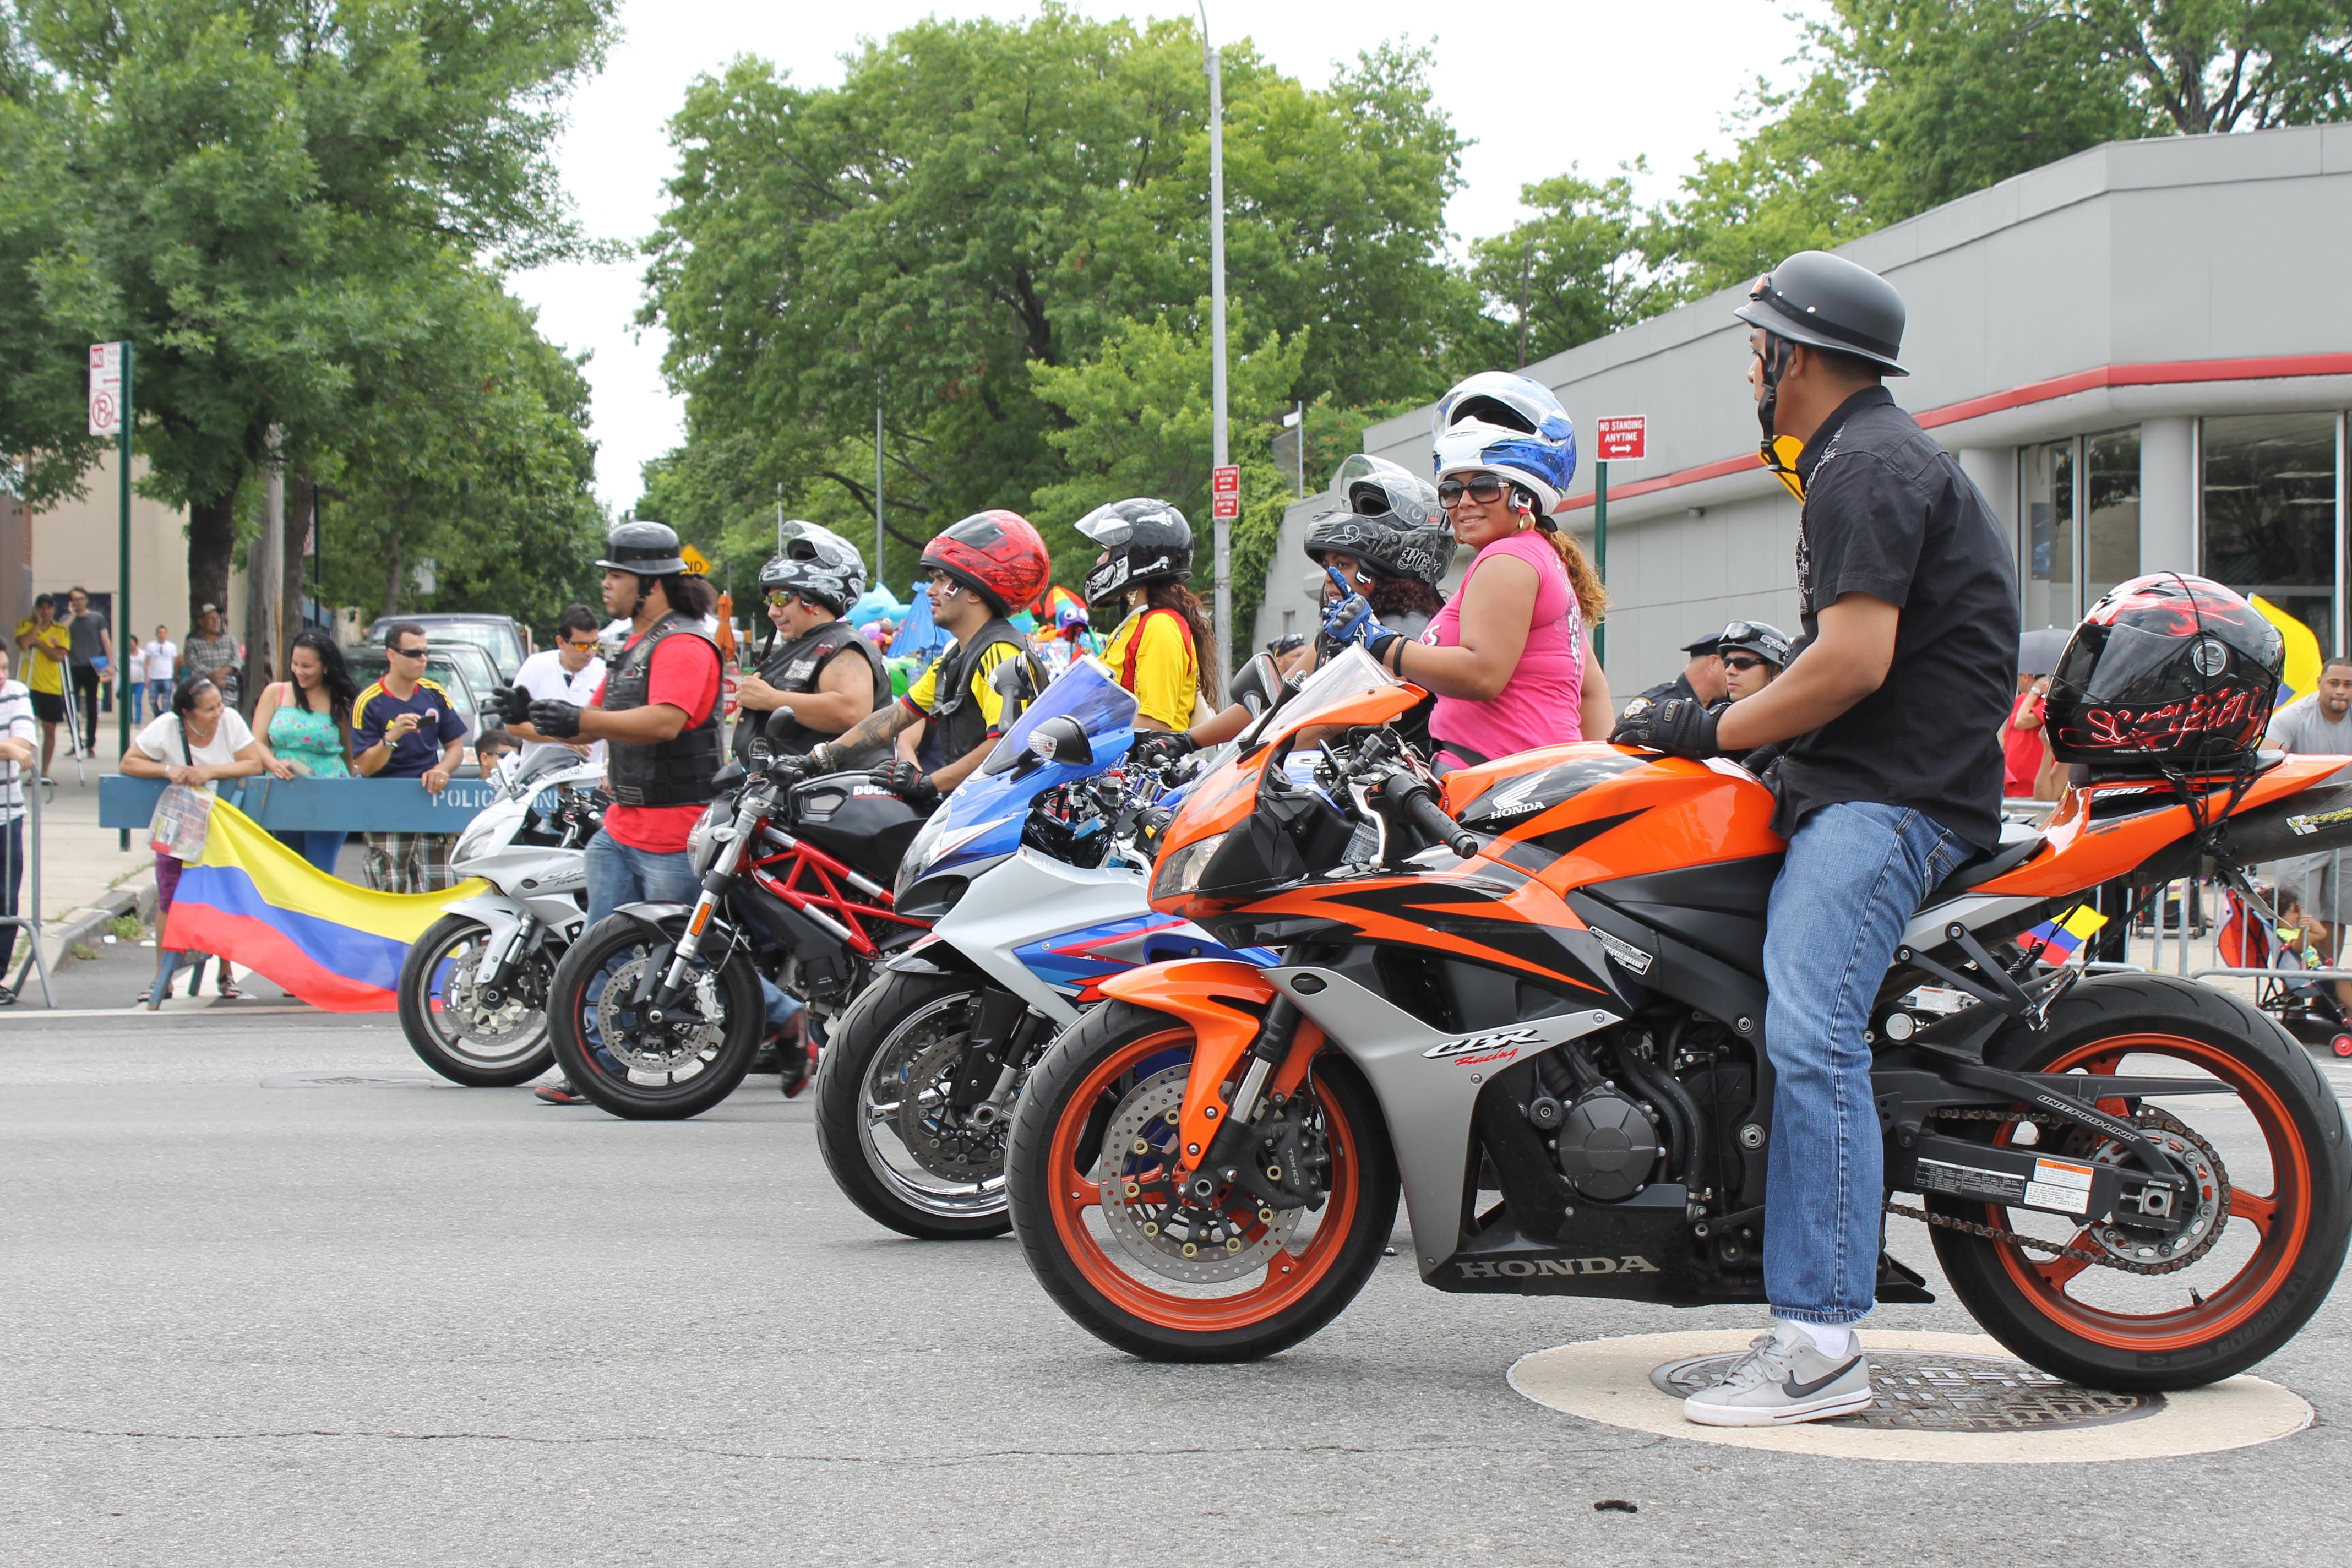 Queens motorcycle club members sentenced to prison terms ...  |Queens Motorcycle Clubs